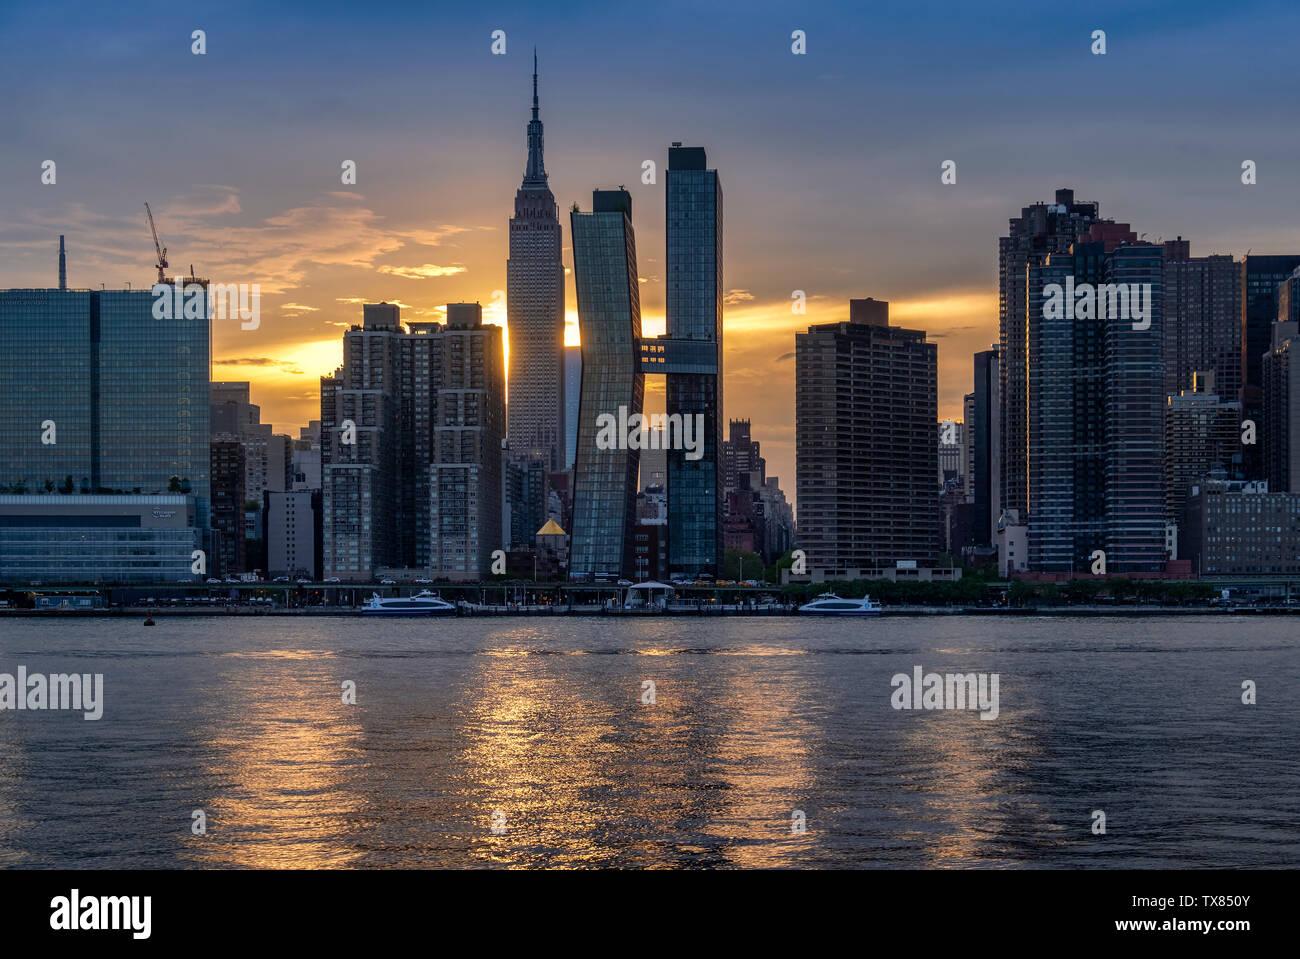 L'horizon de Manhattan et l'Empire State Building à travers l'East River au coucher du soleil, Manhattan, New York, USA Banque D'Images